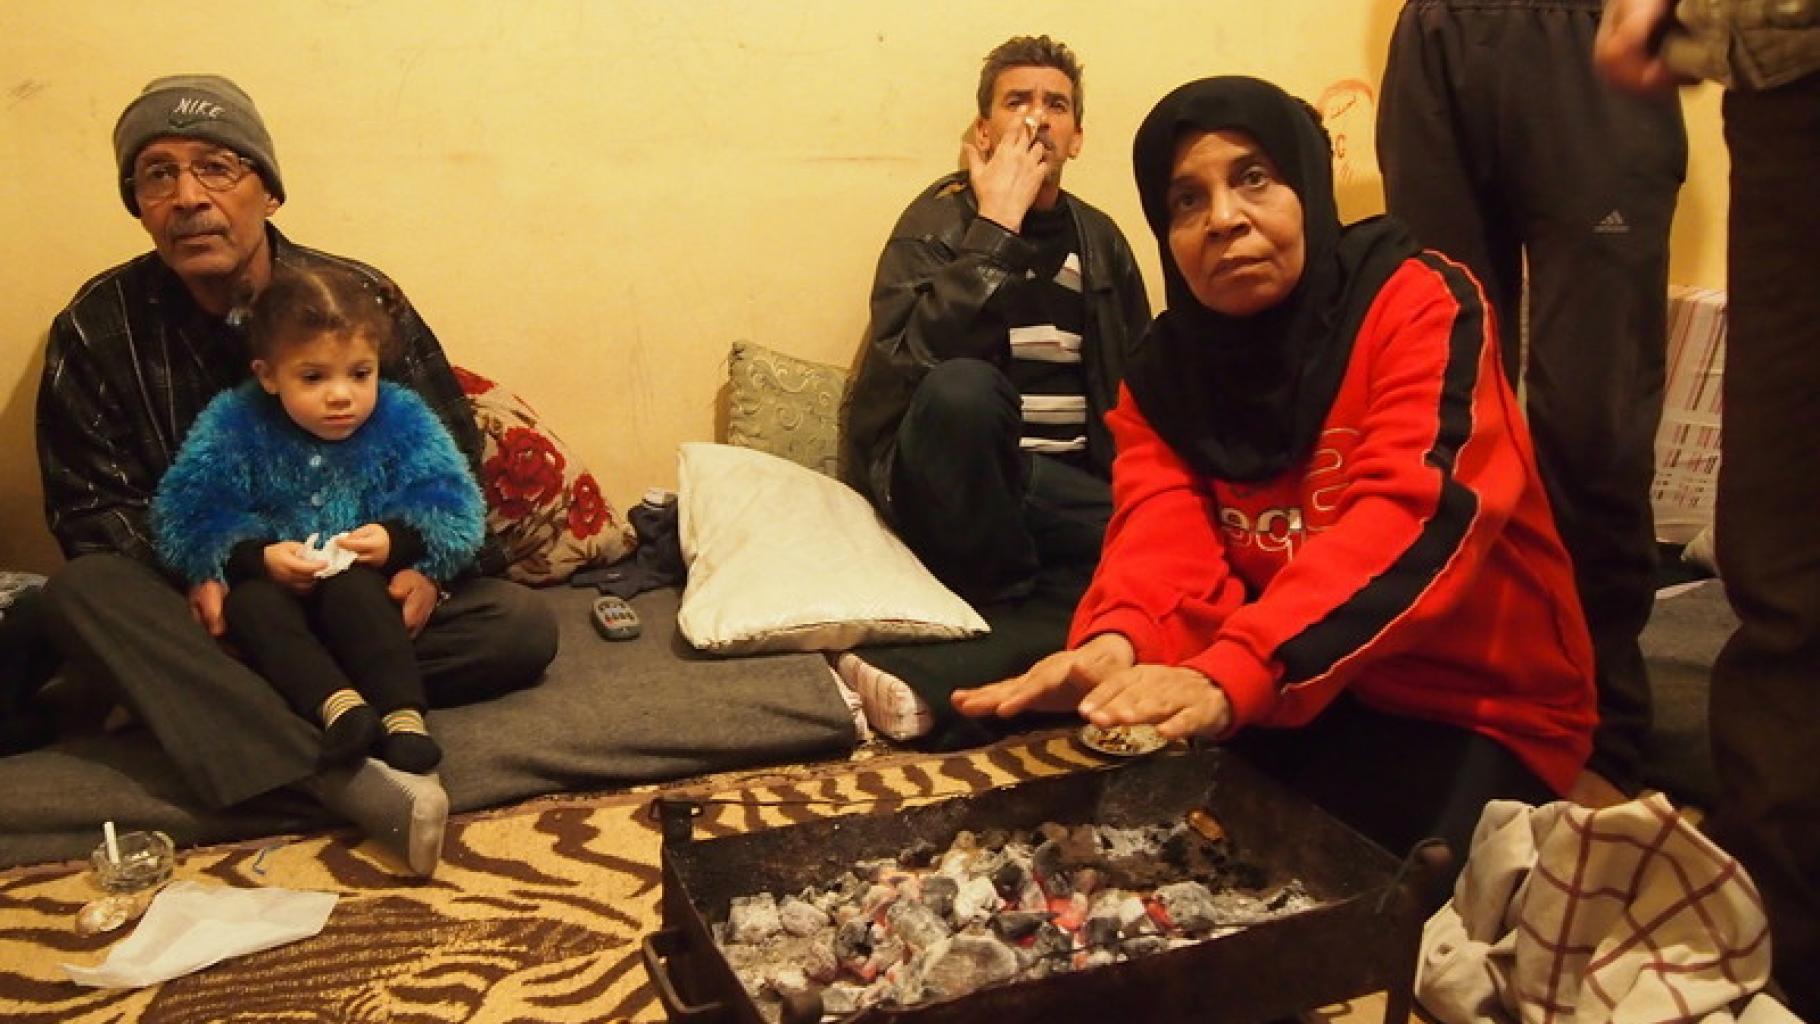 Libanon: Eine Familie wärmt sich die Hände an einem improvisierten Ofen